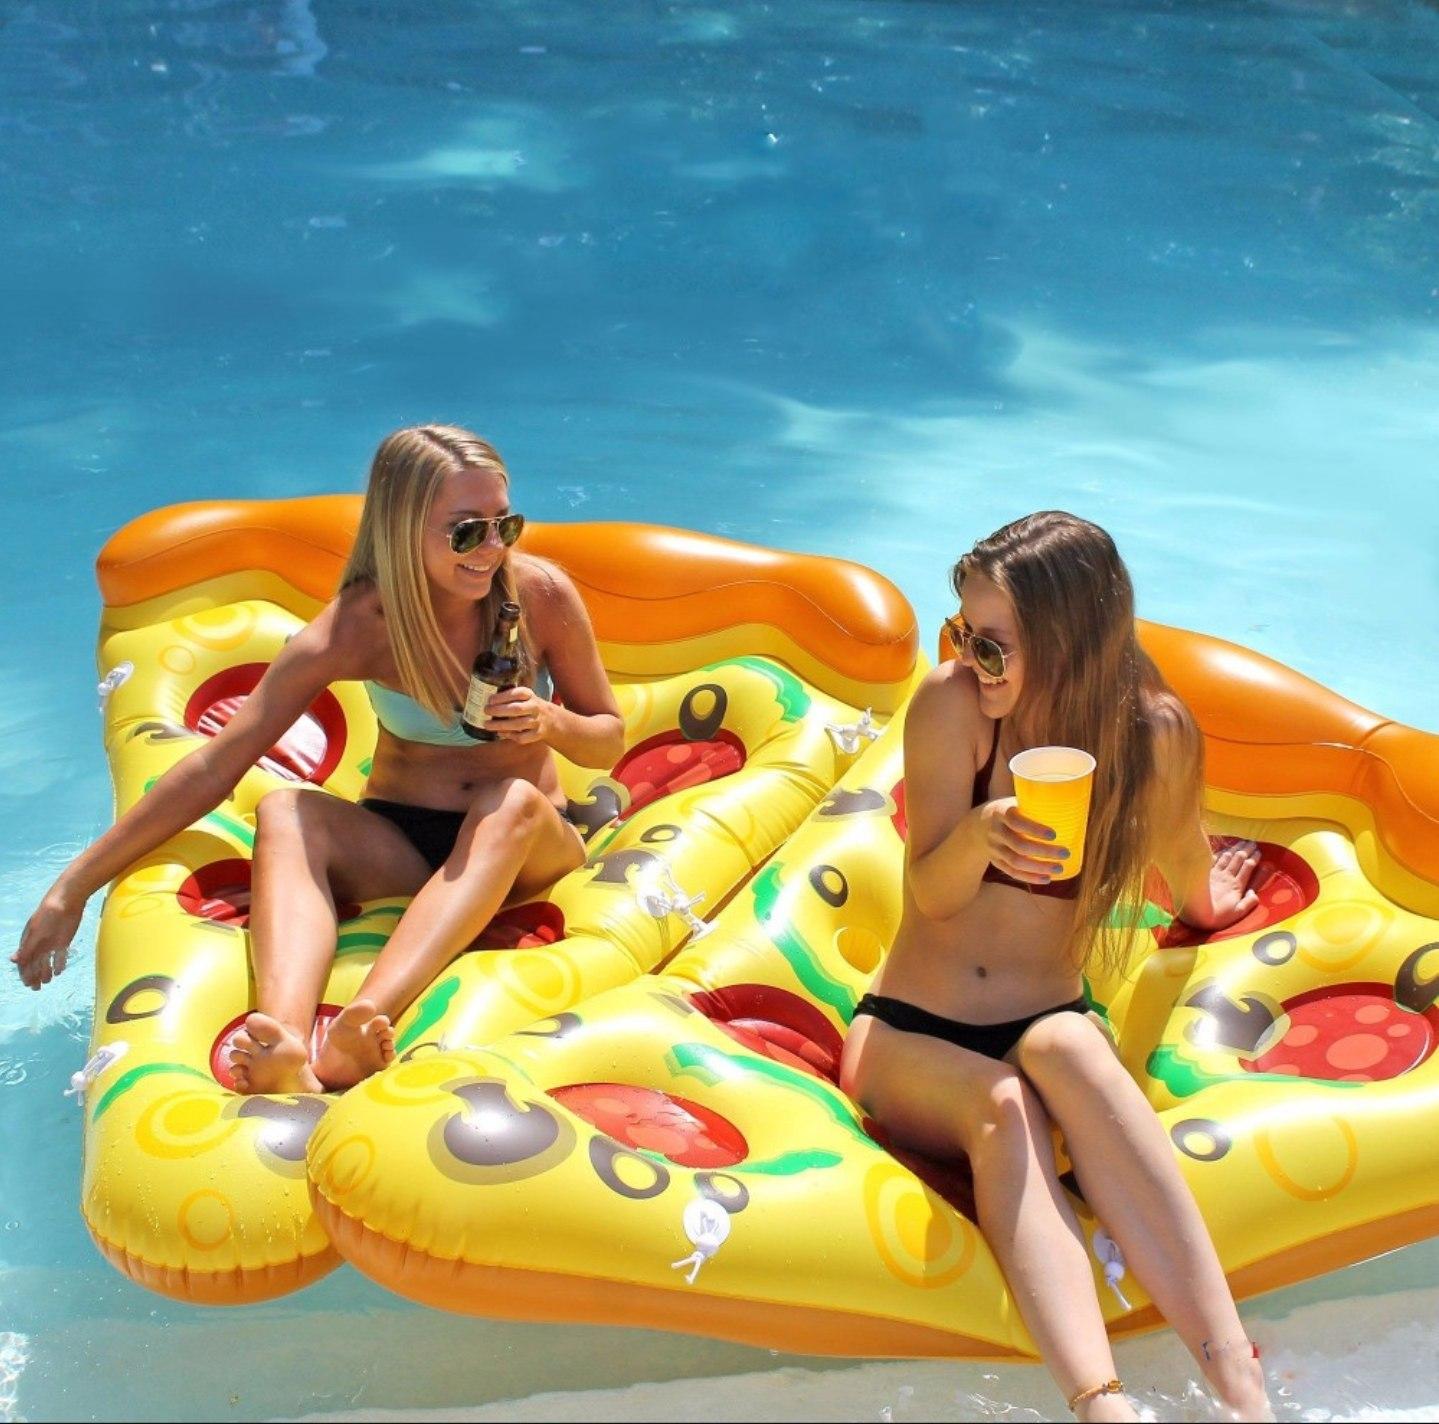 zwei_pizzaschnitten_im_pool_7050-100458_jpg.jpg